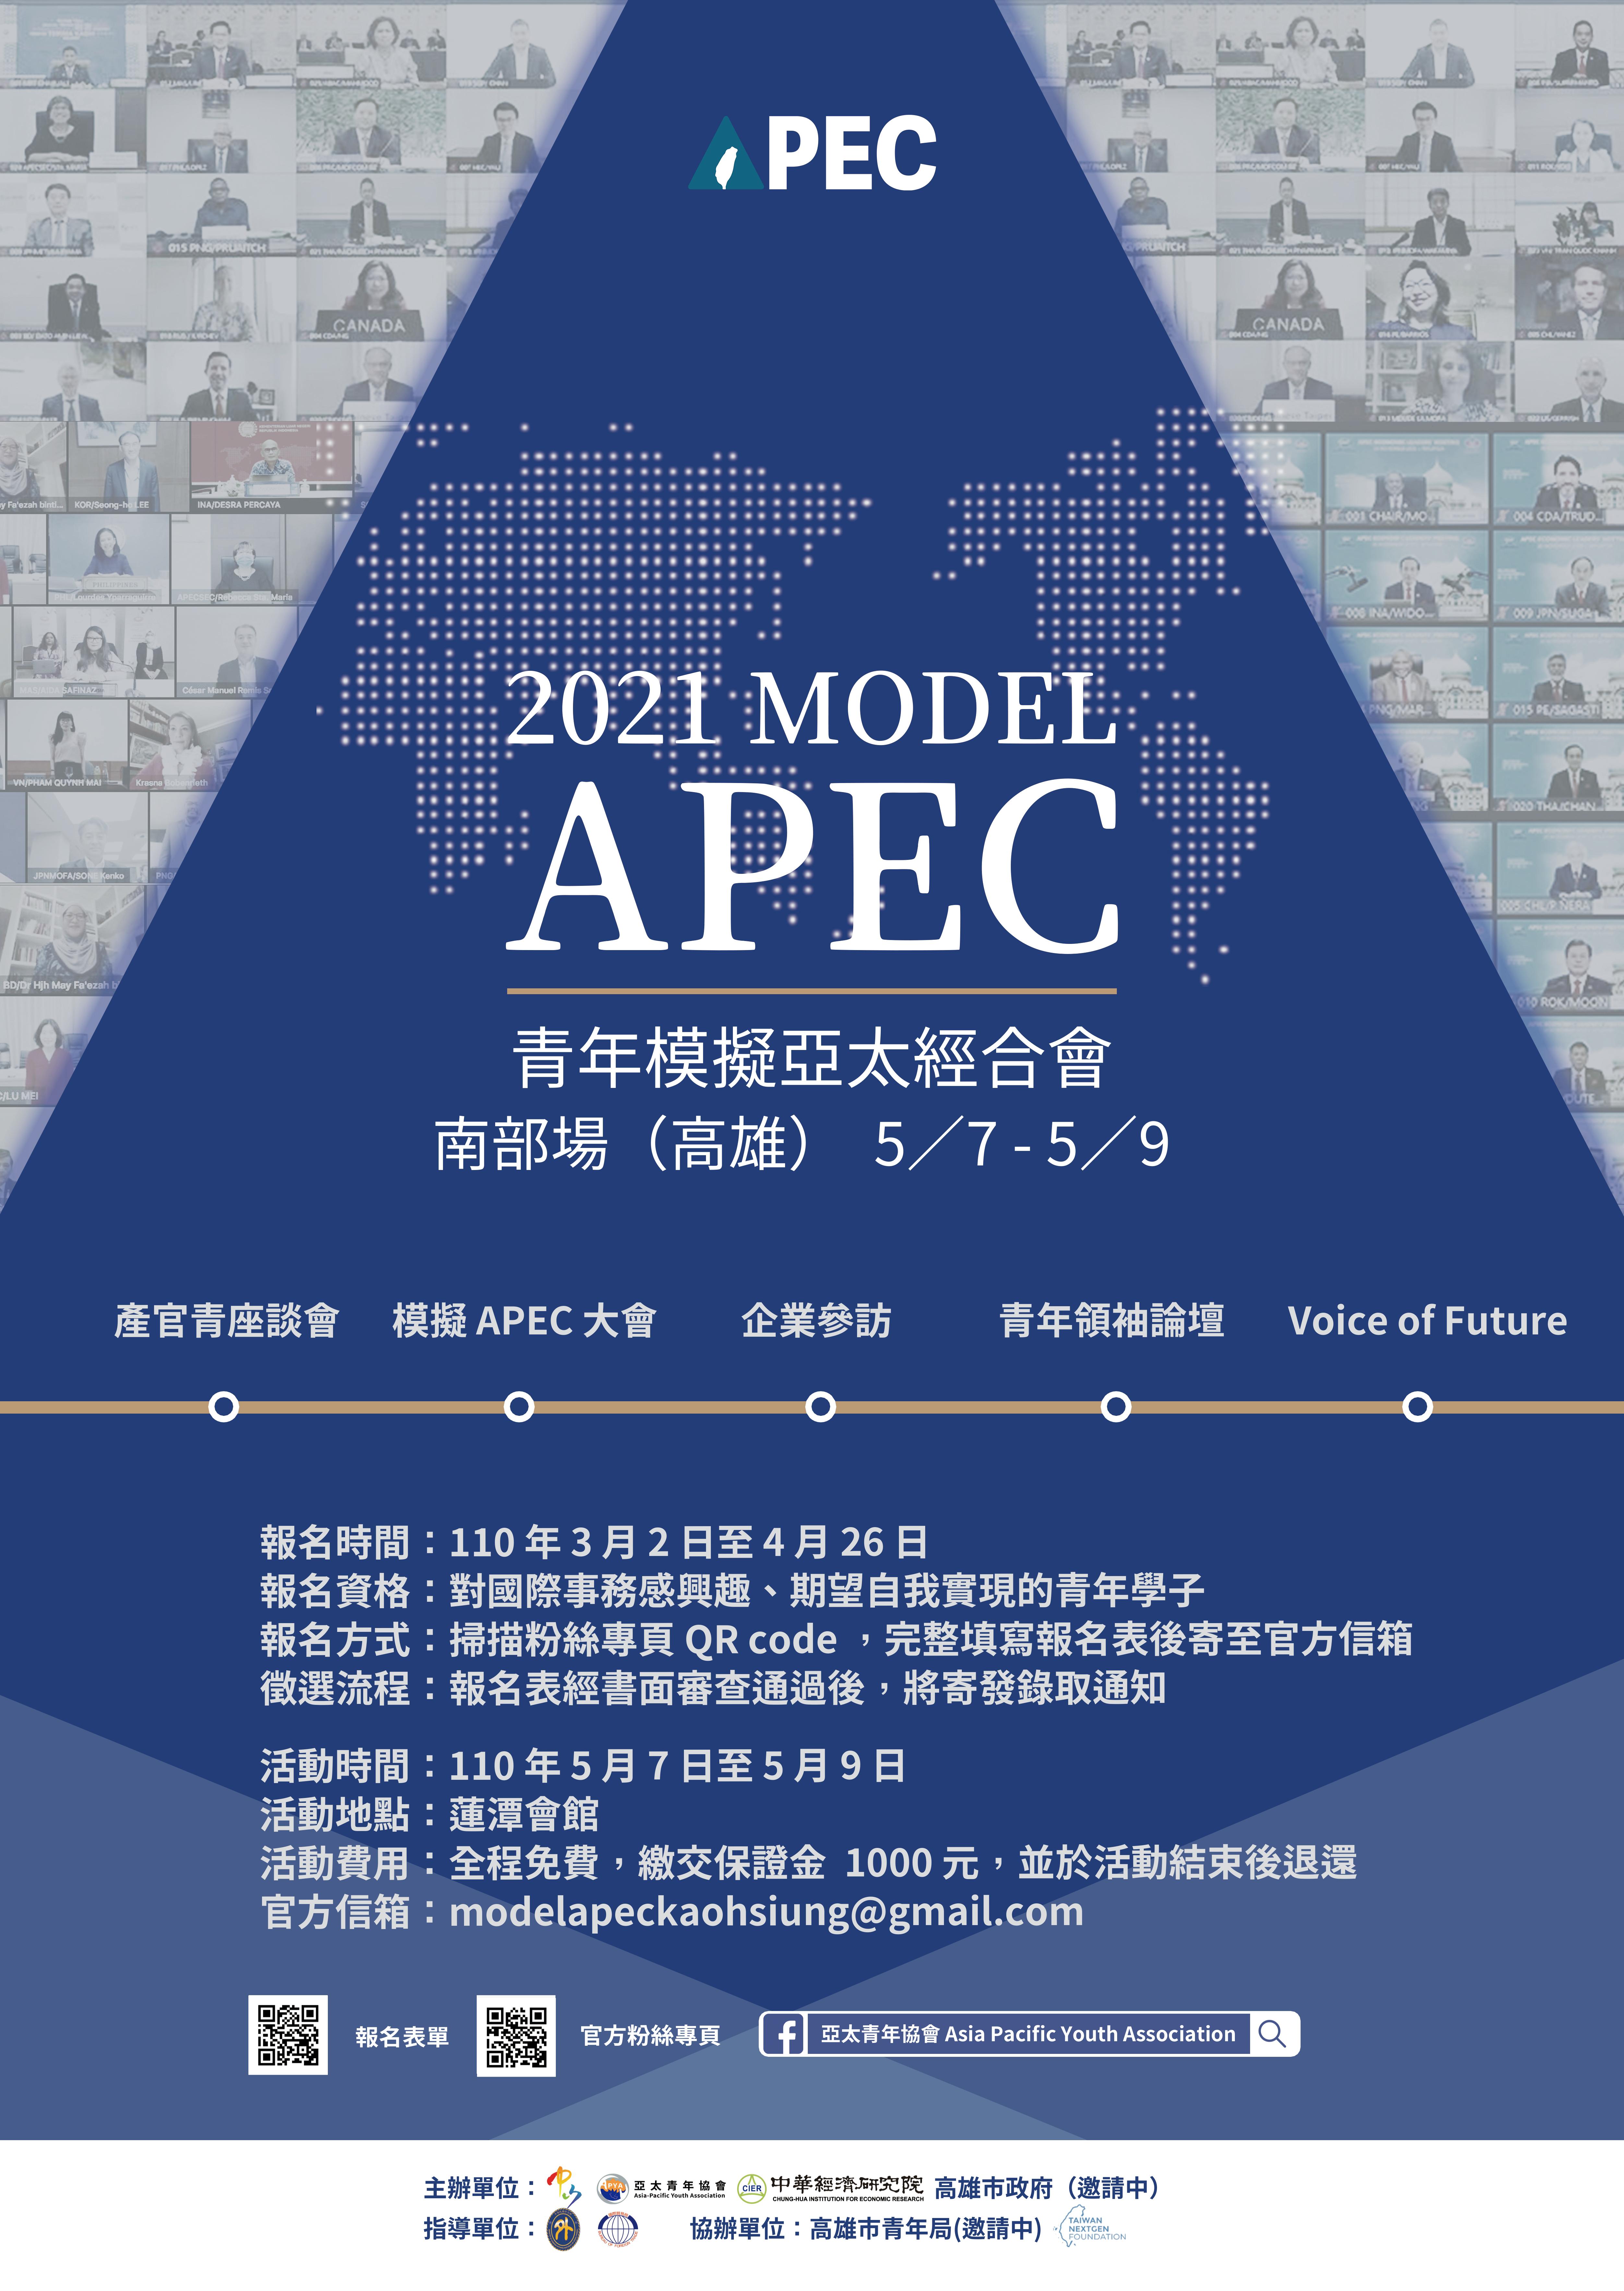 2021年 Model APEC